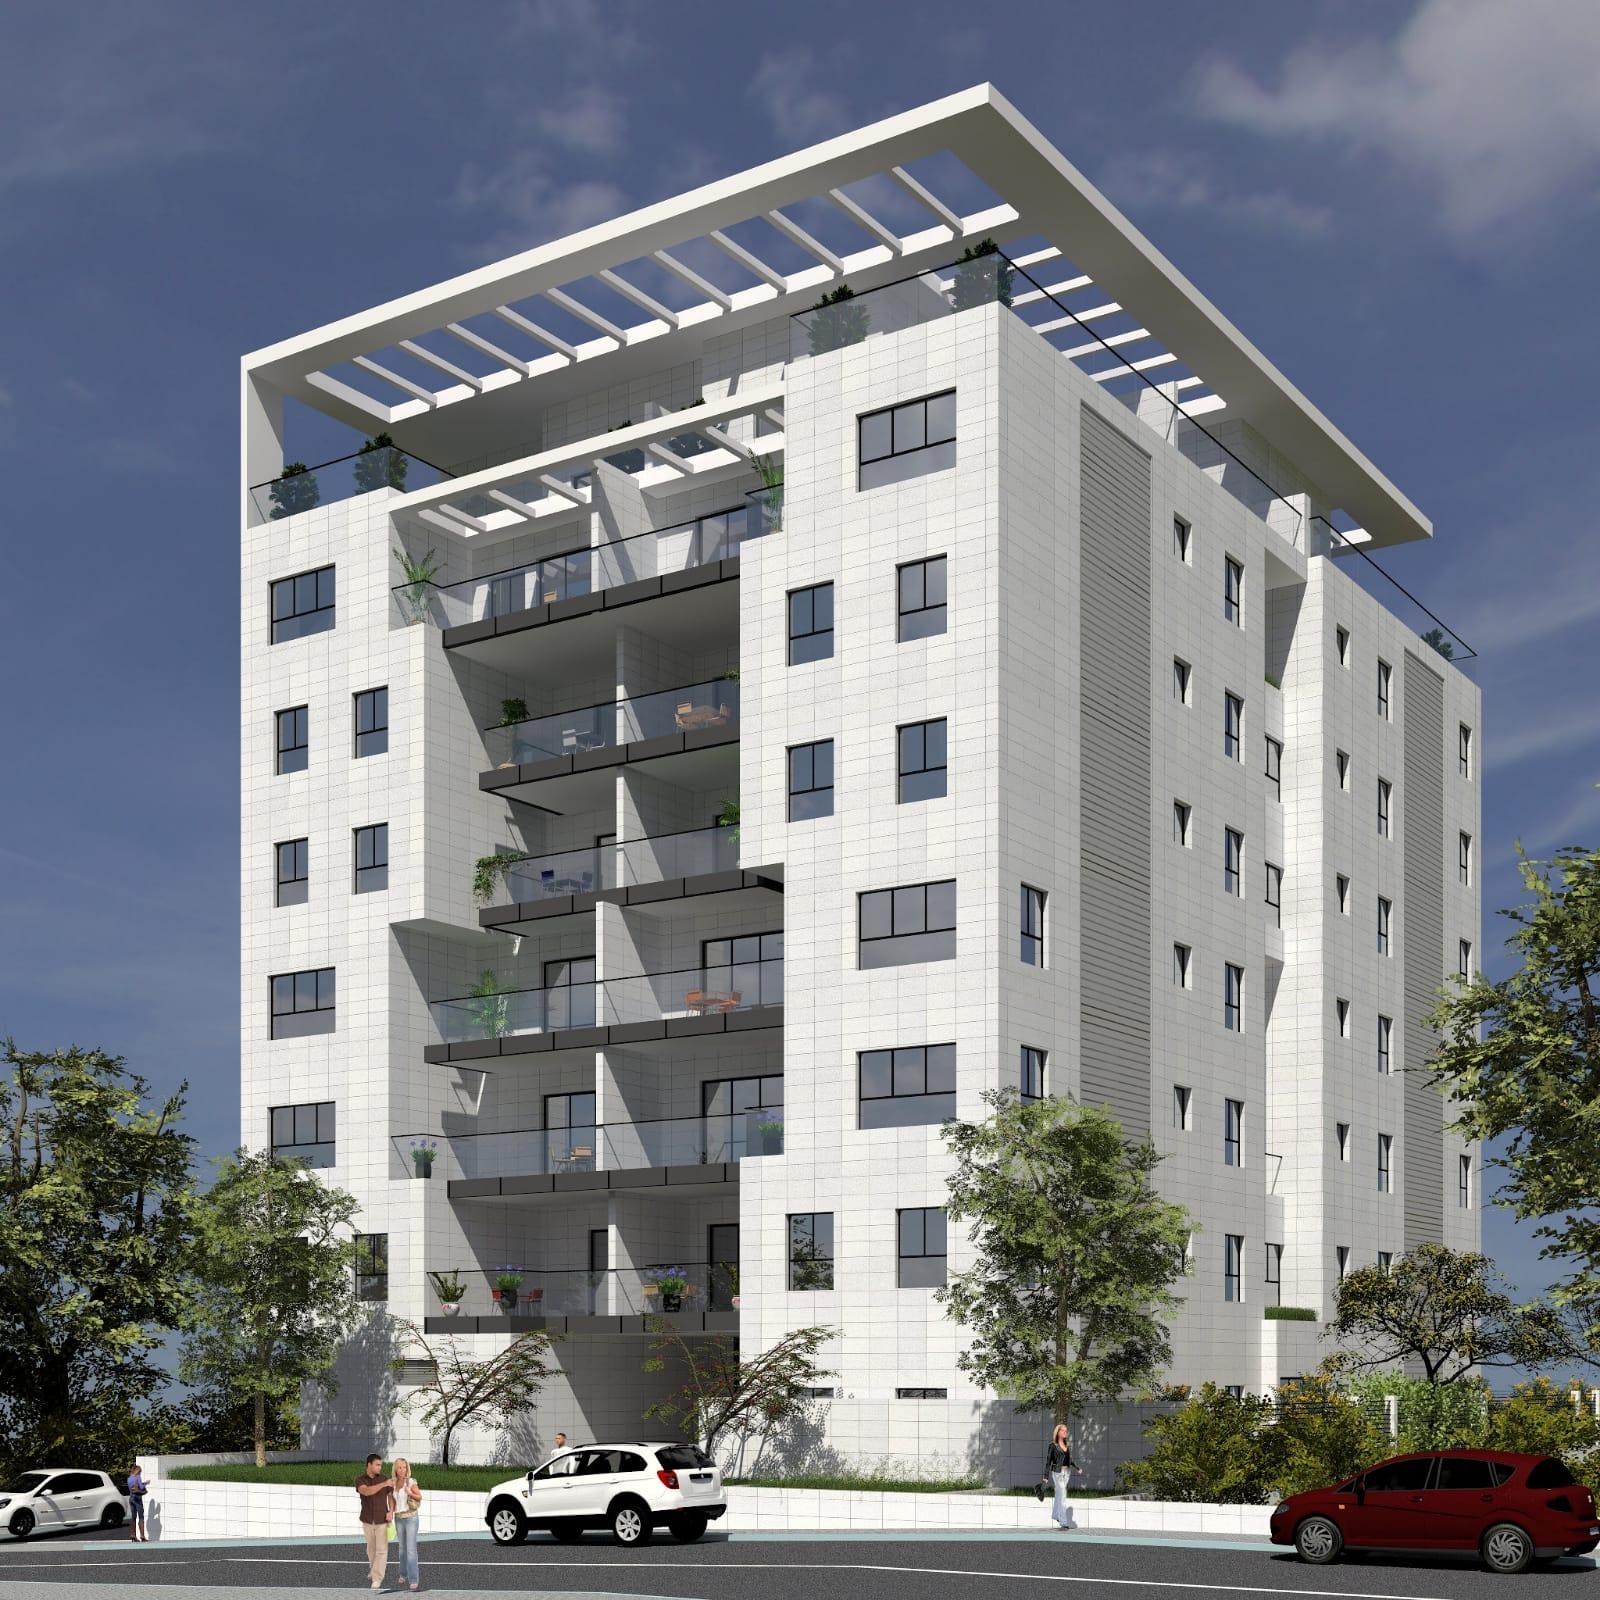 בניין בוטיק במרכז הרצליה קרדיט הדמיות - גונן ציאנדר משרד אדריכלים - תימור שוורץ